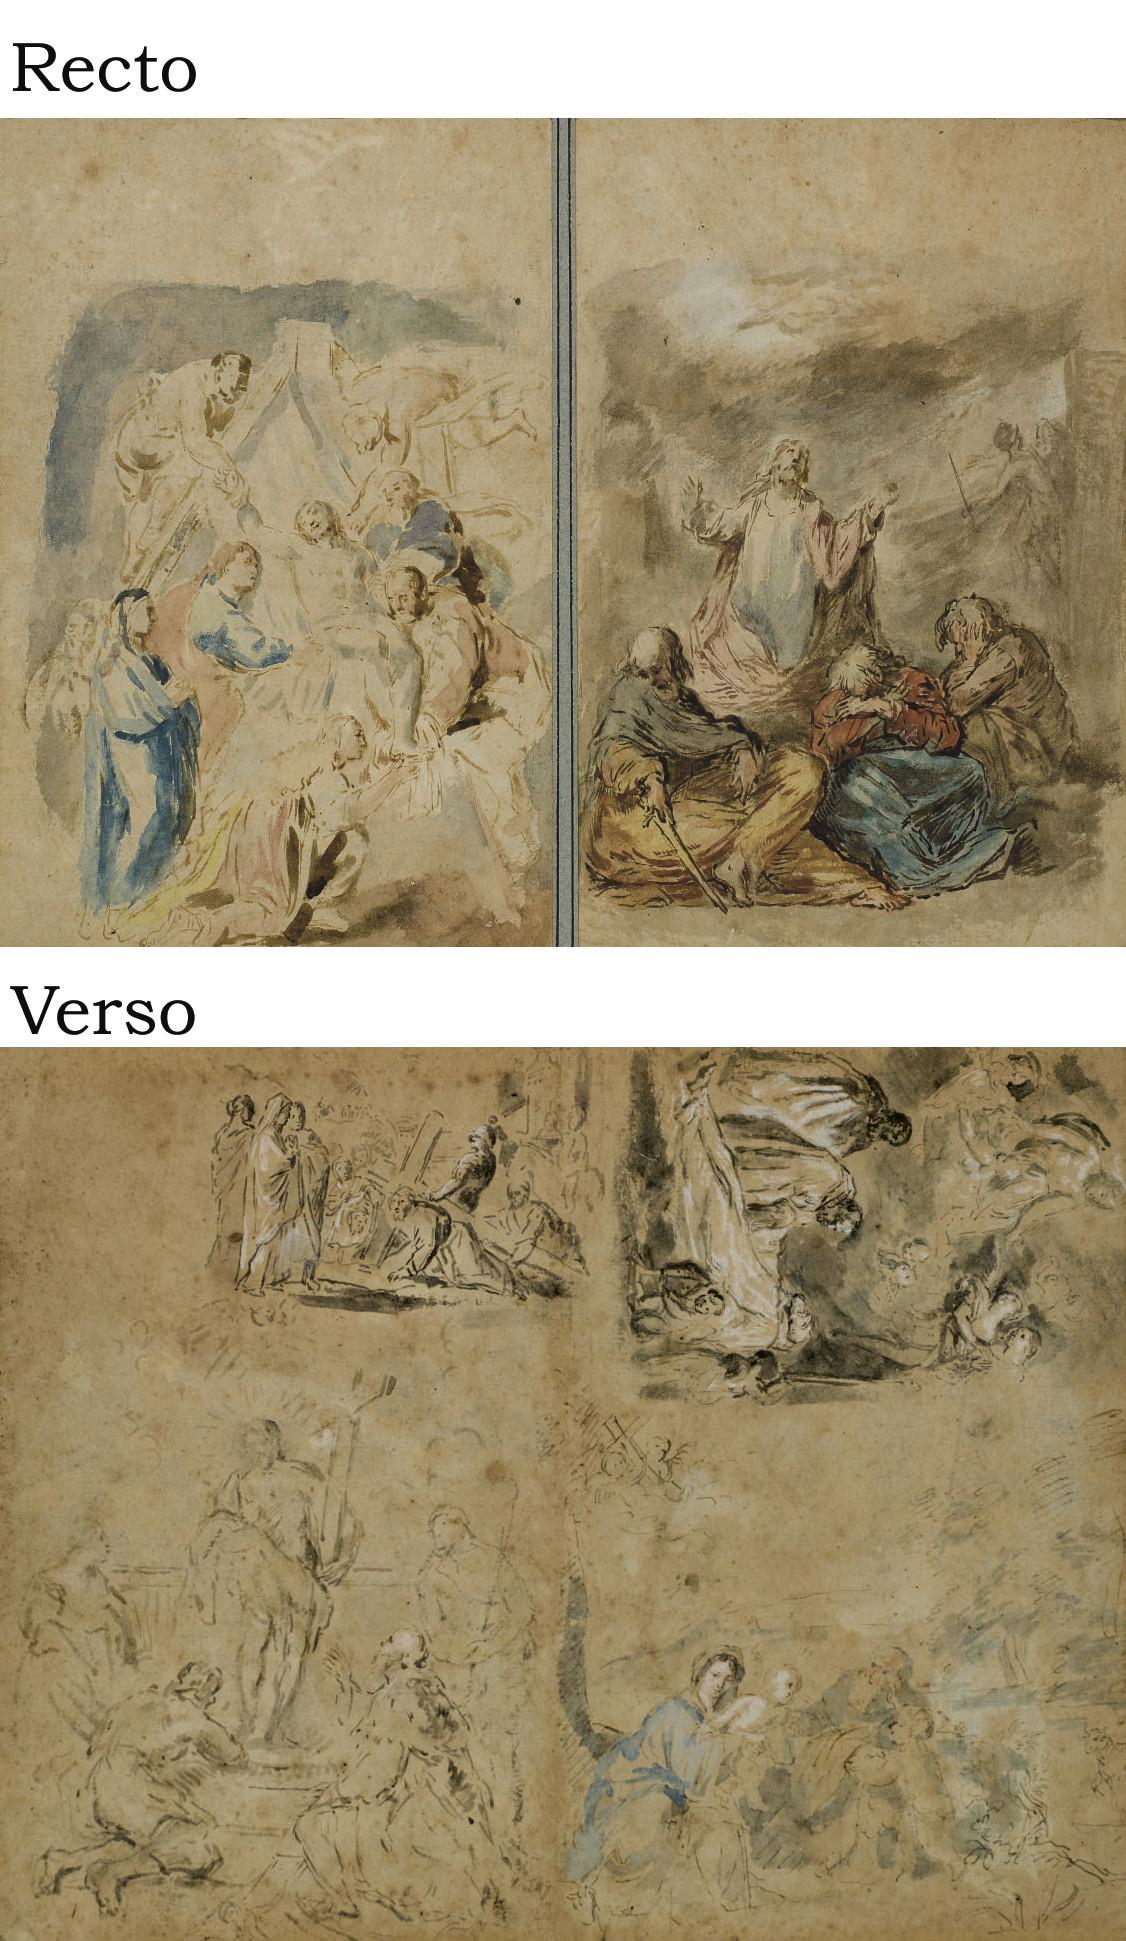 Déposition de Croix, Christ au Jardin des Oliviers (recto); Le Portement de Croix, La mort d'un saint, Apparition du Christ, Repos de la Sainte Famille (verso)